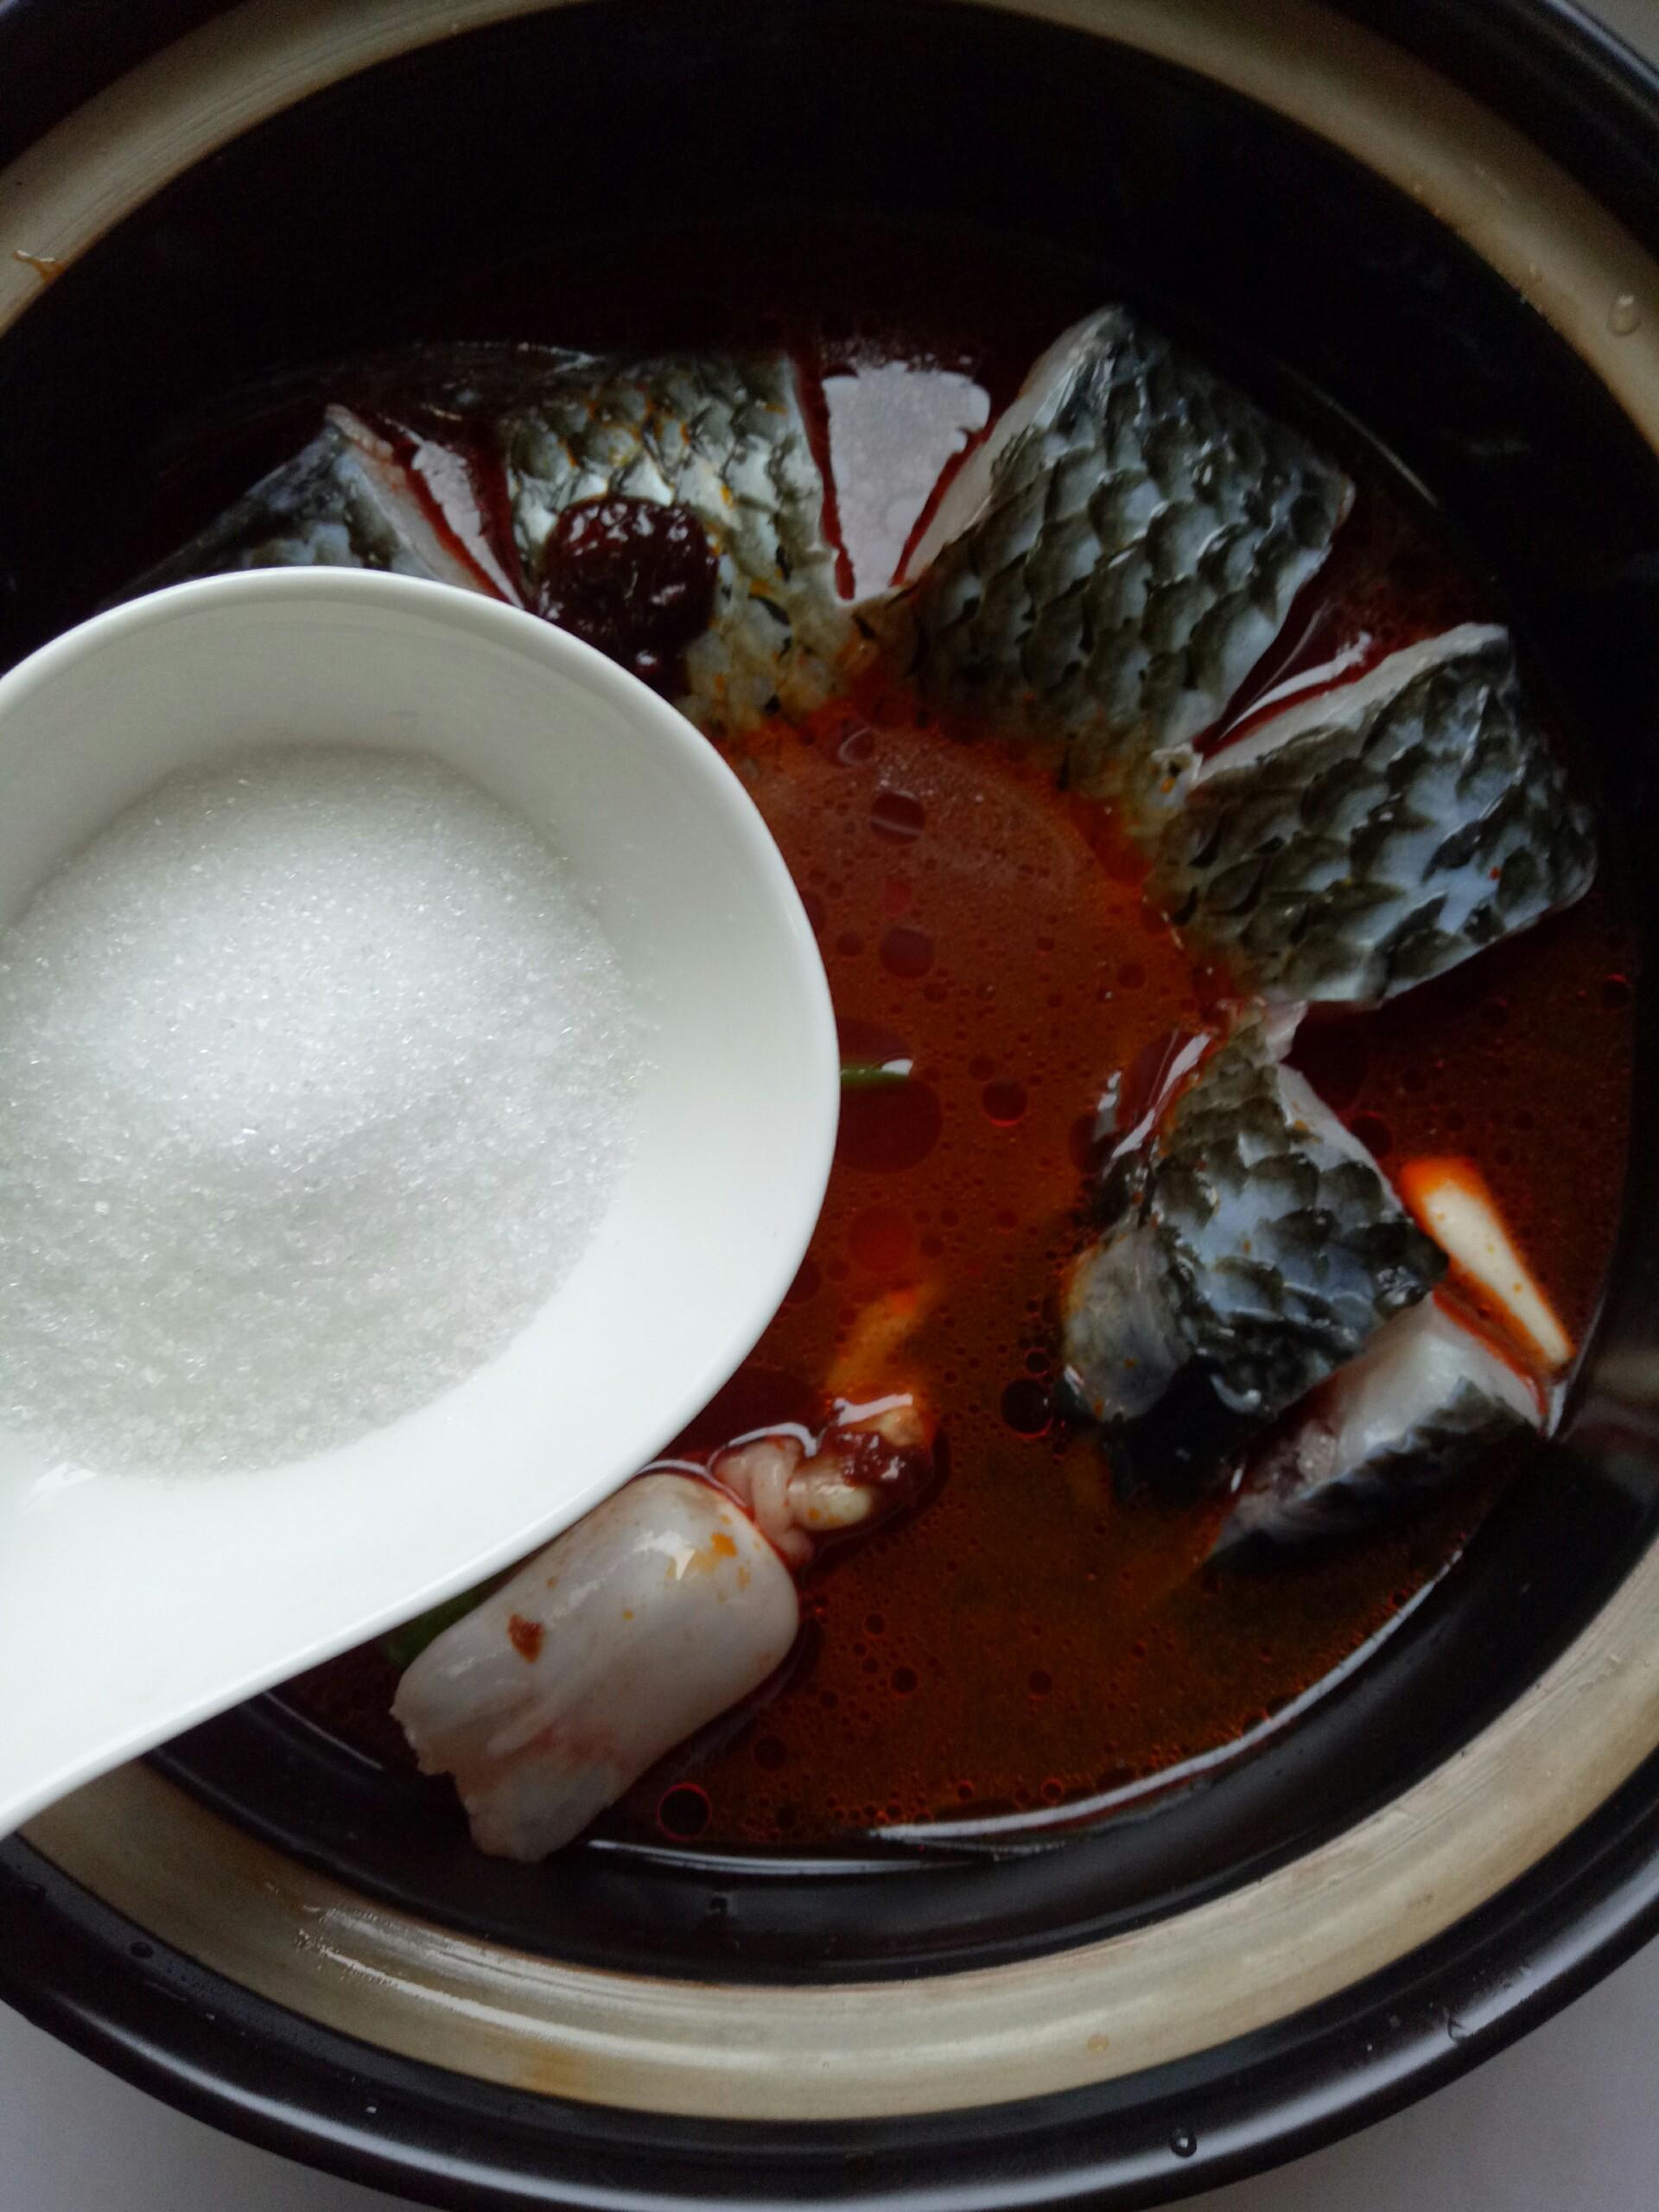 砂锅青鱼的做法步骤 1. 砂锅洗净擦干,涂上一层薄油,放上姜葱蒜瓣 2.